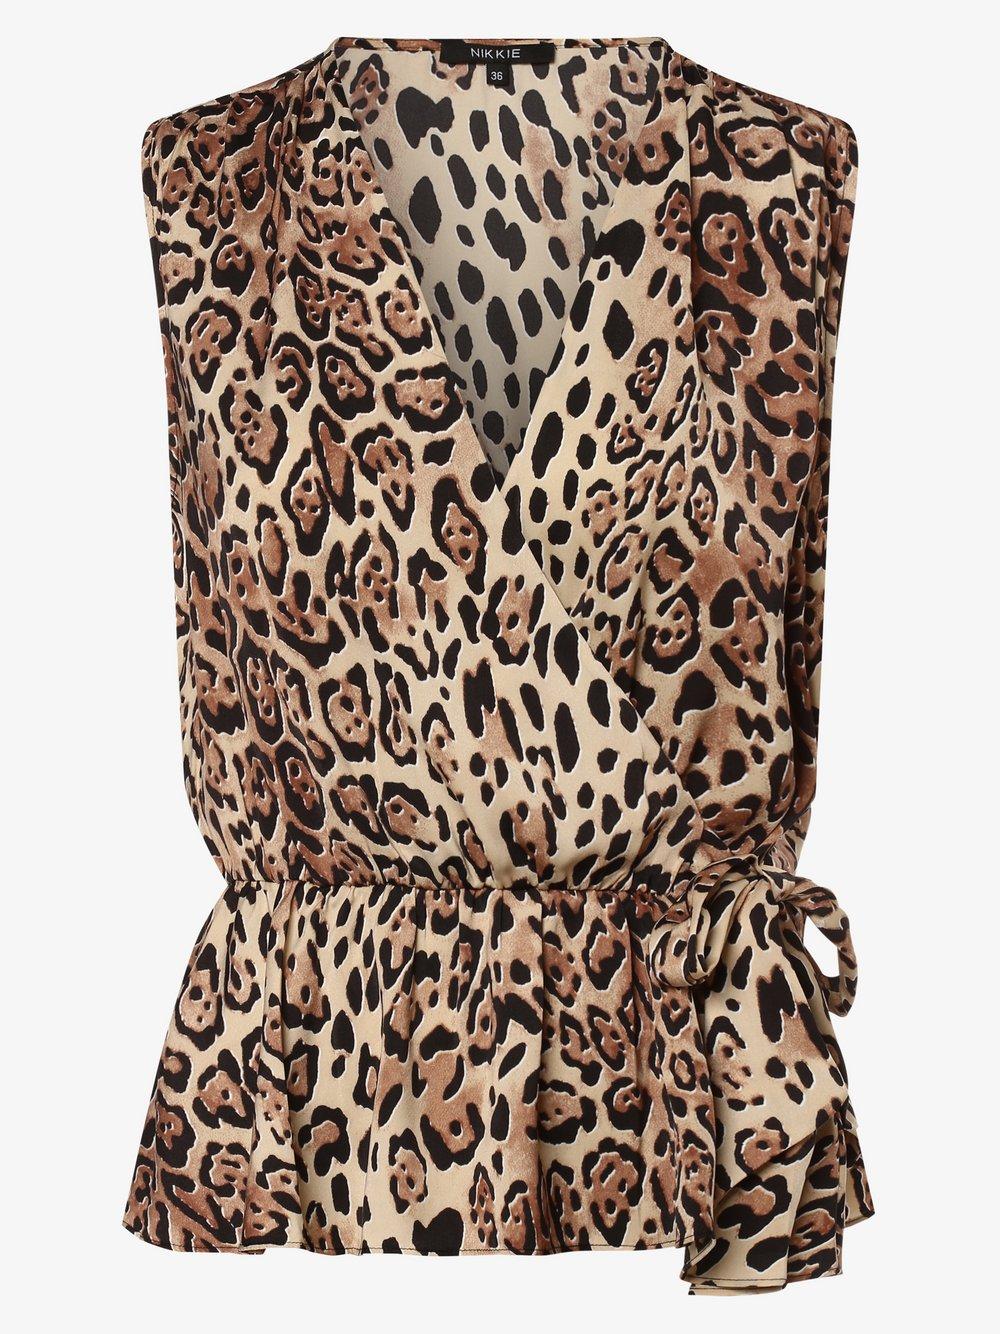 NIKKIE – Damska bluzka bez rękawów – Lucy, beżowy Van Graaf 477647-0001-00340